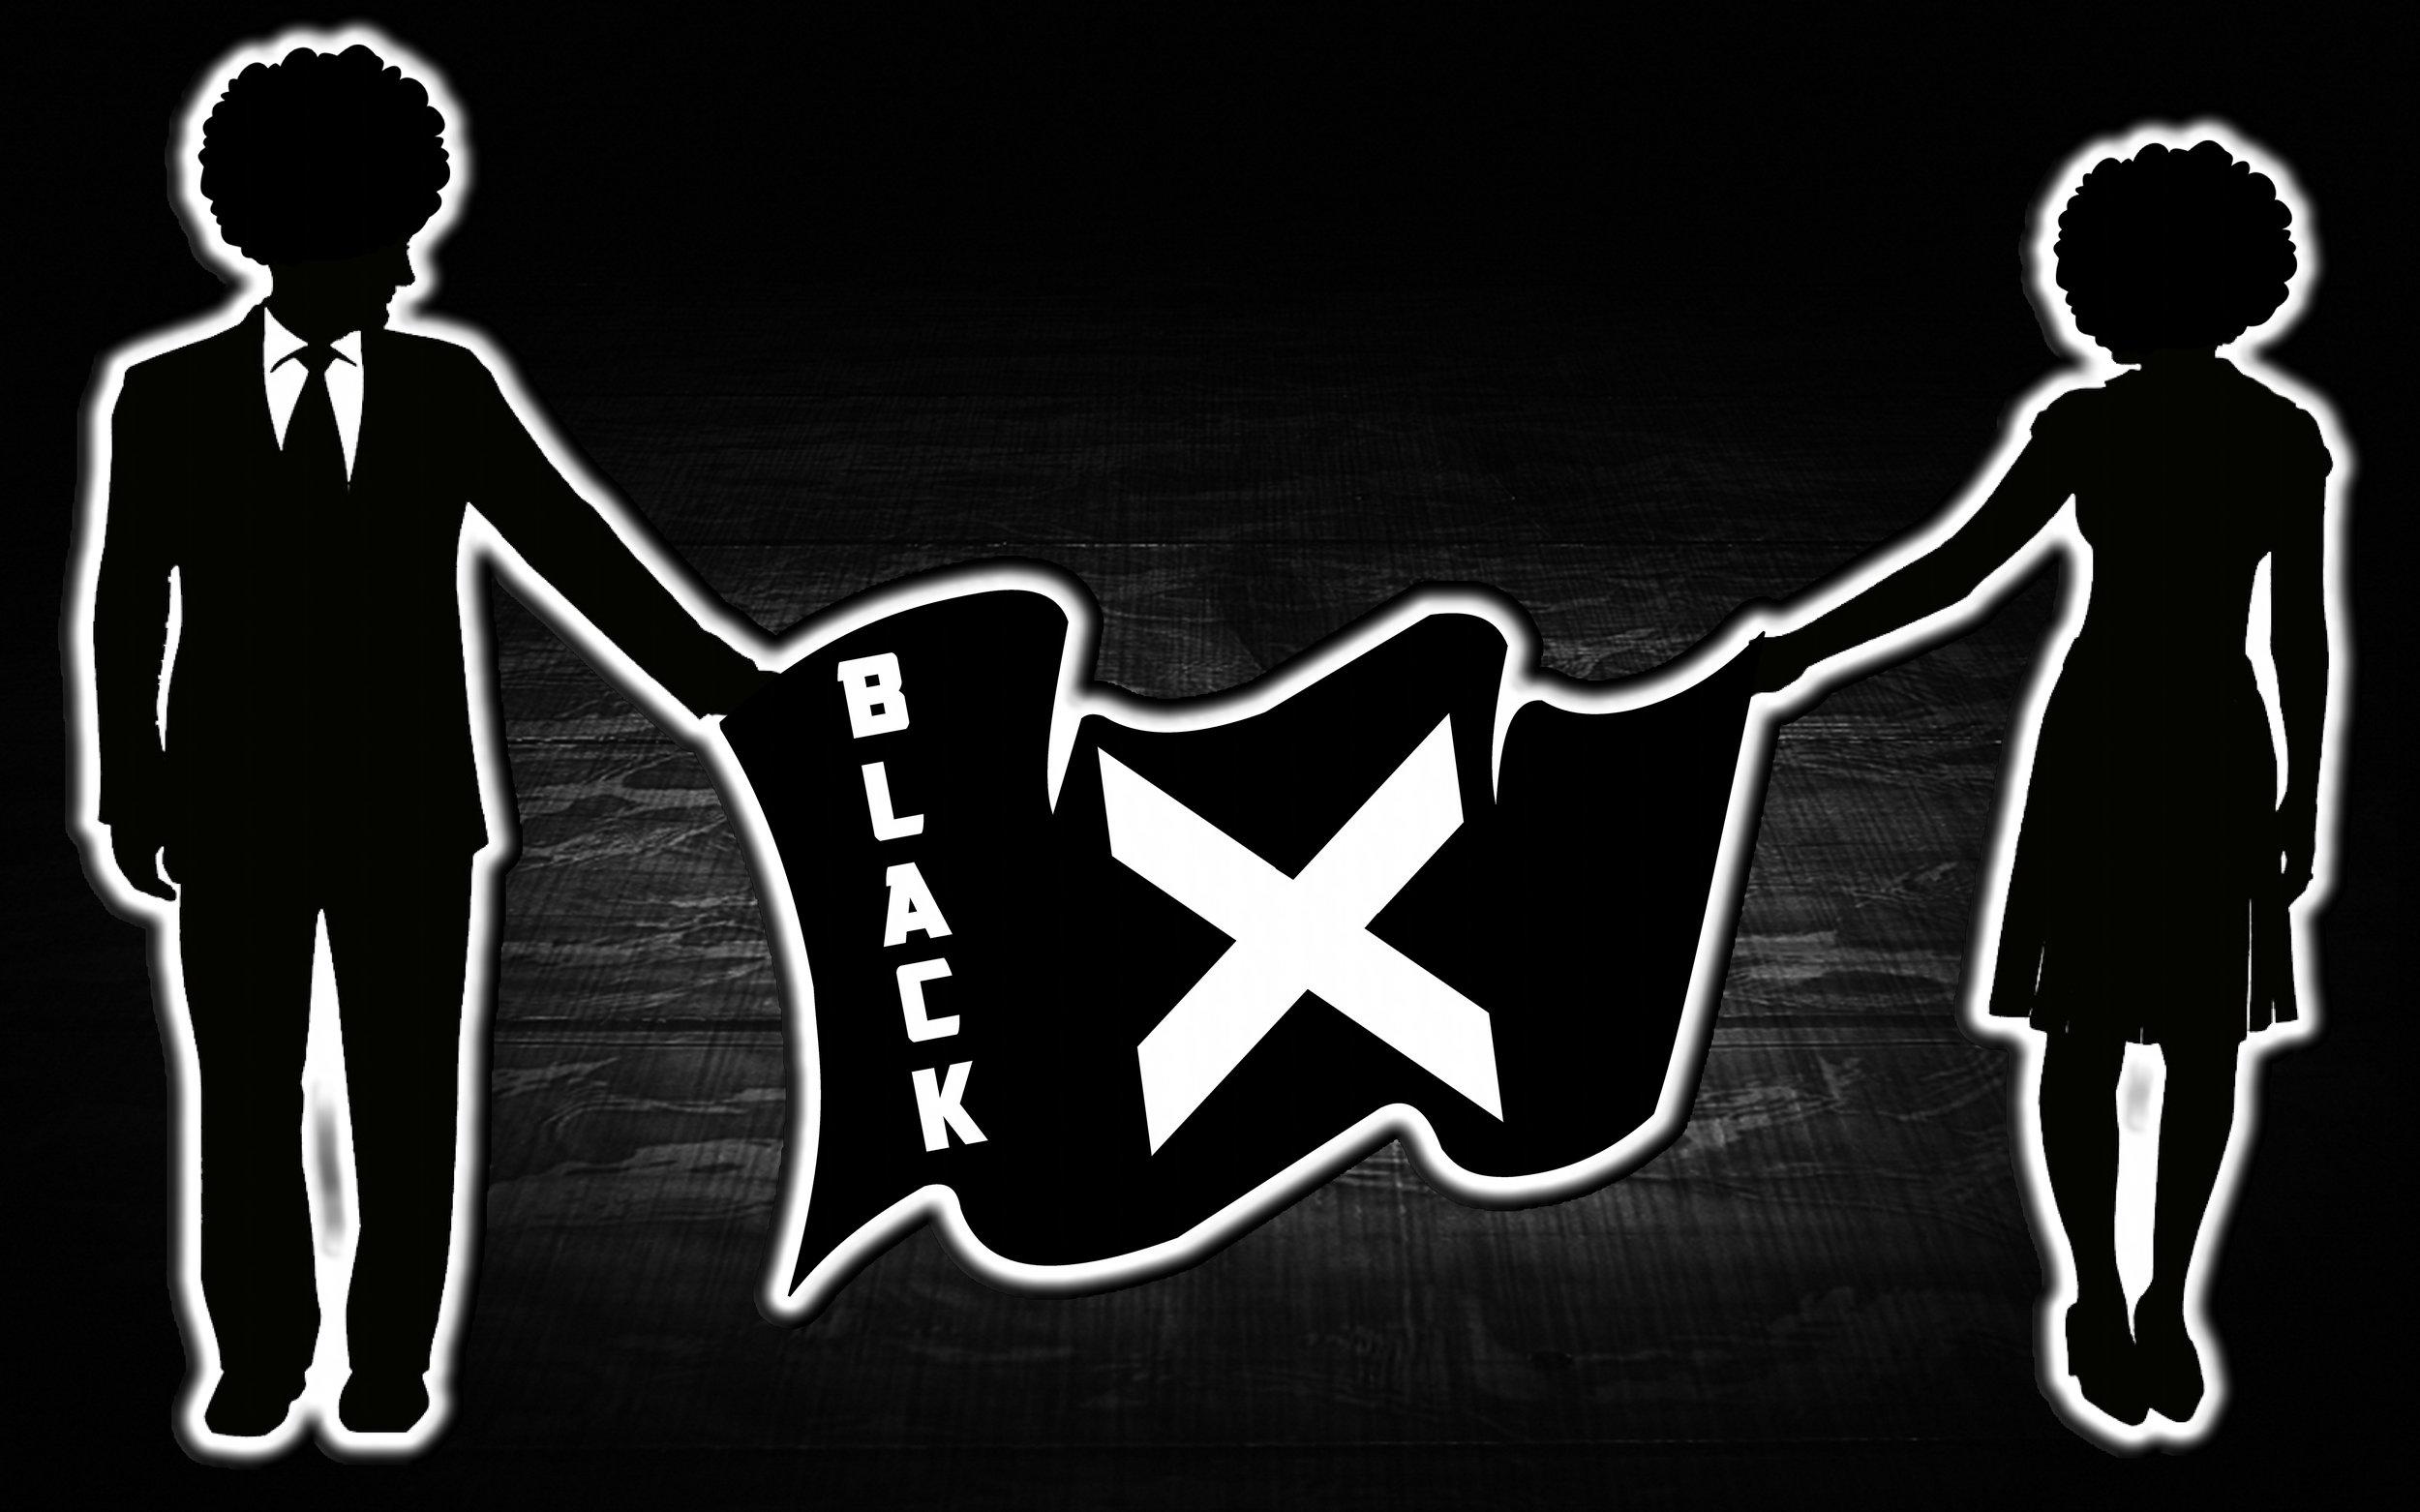 BLACK X LOGO 1.jpg